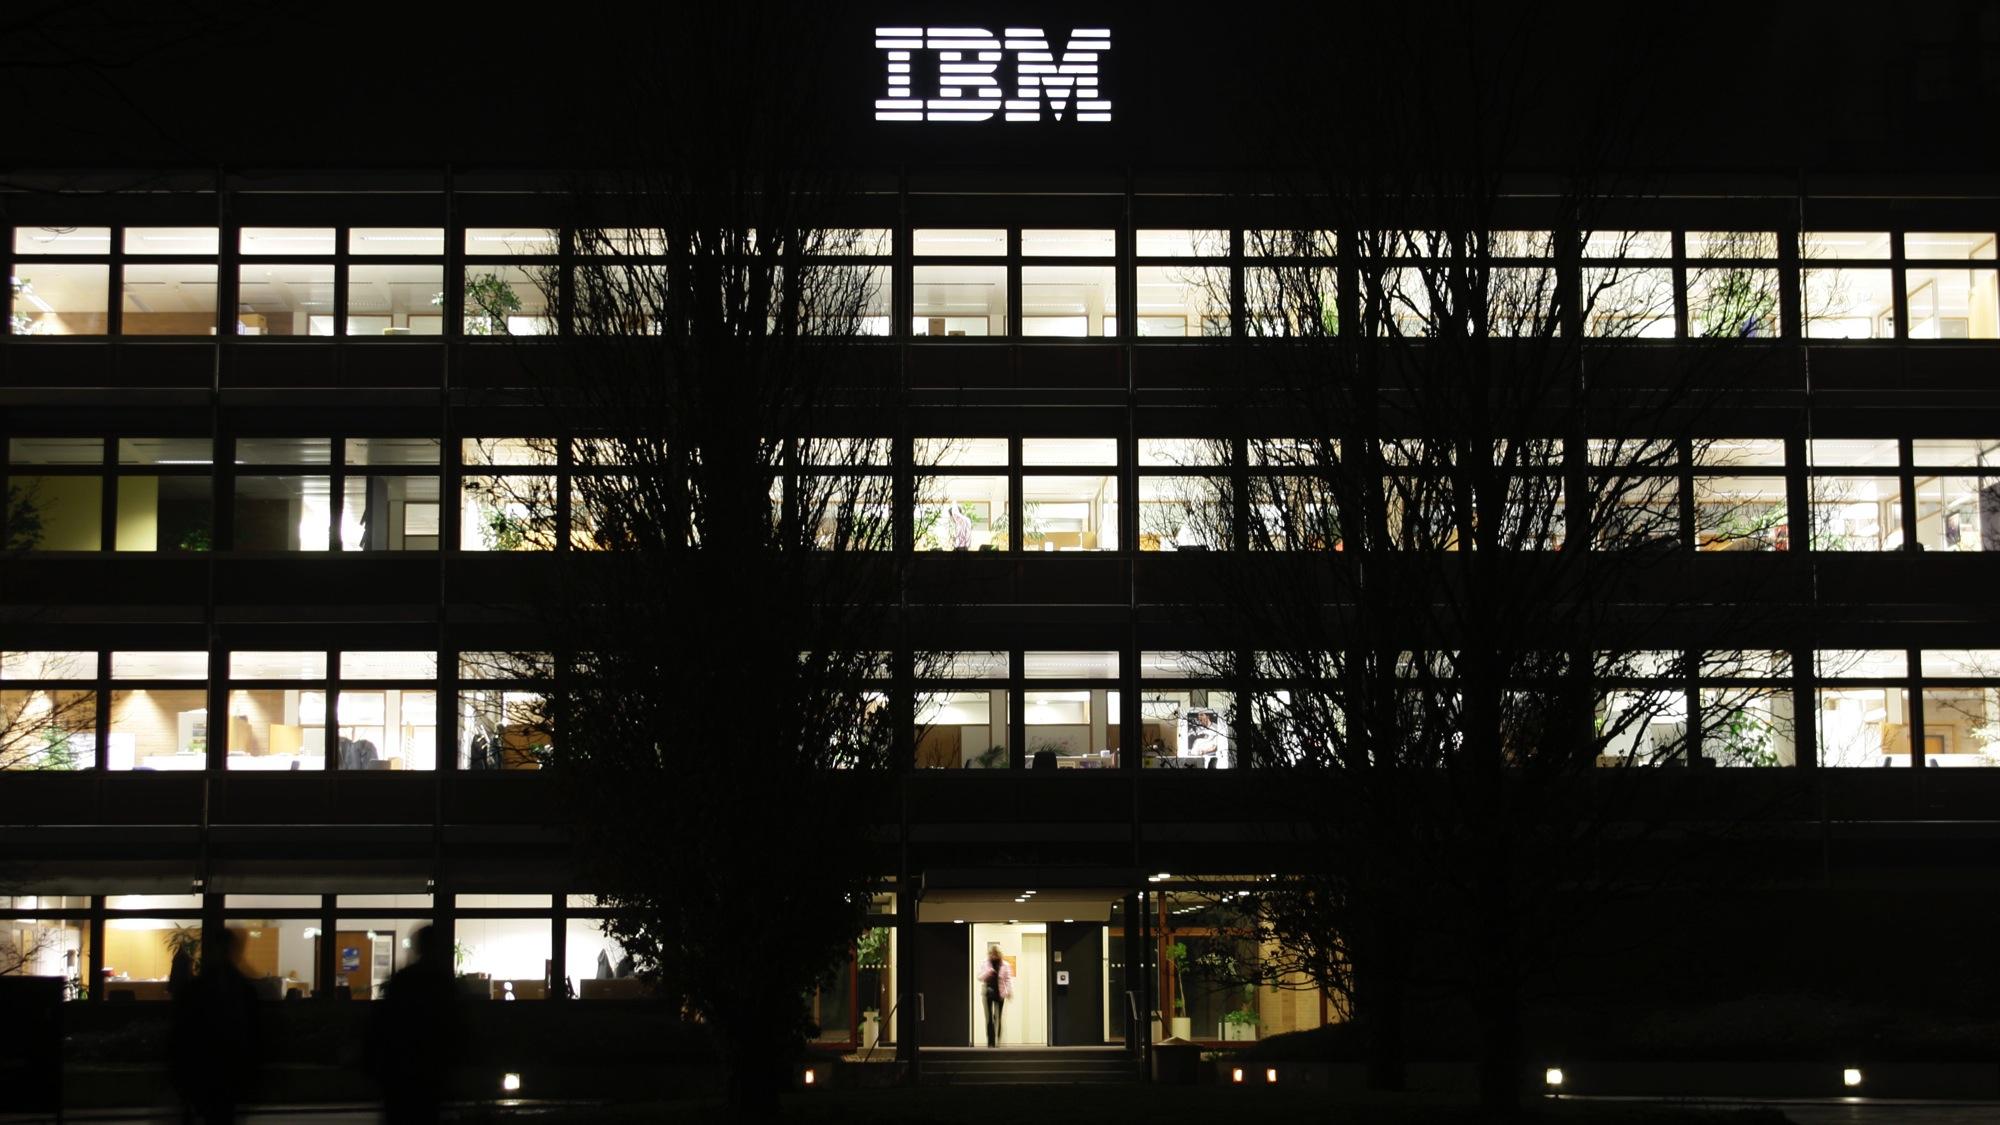 IBM's German HQ in Stuttgart